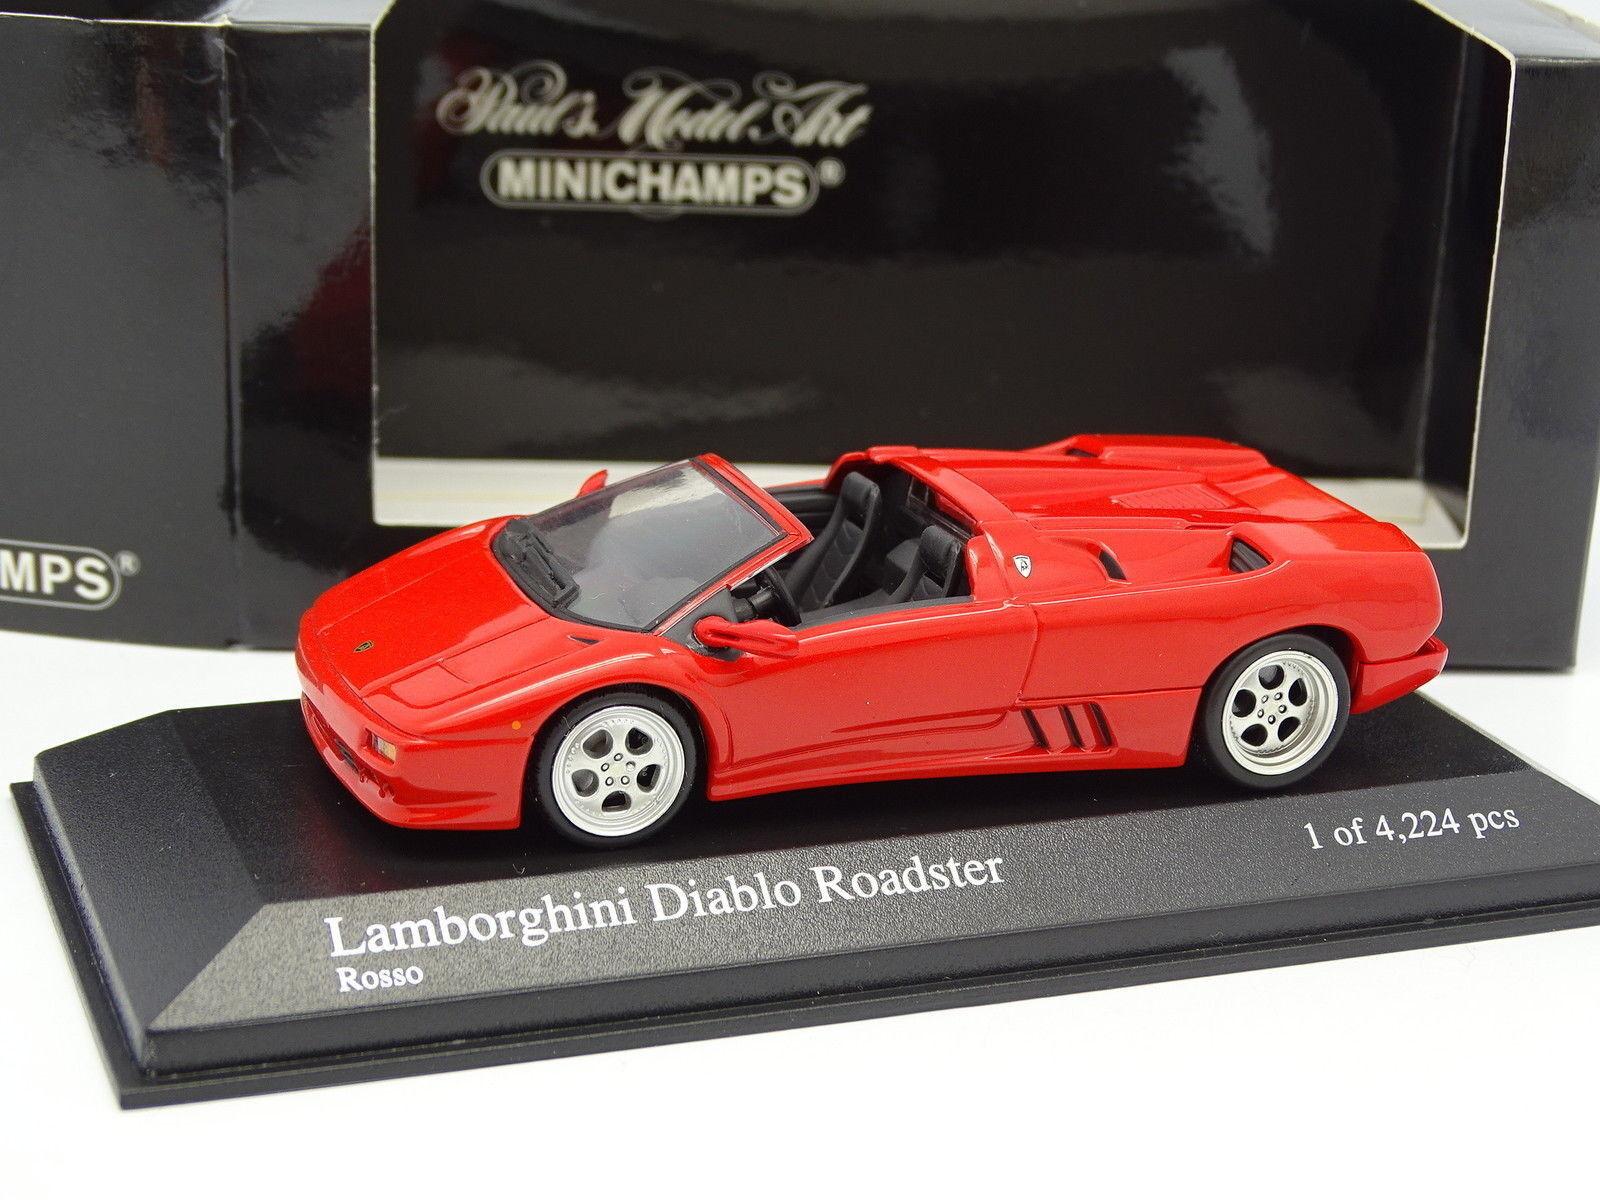 Minichamps 1 43 - Lamborghini Diablo Roadster rosso